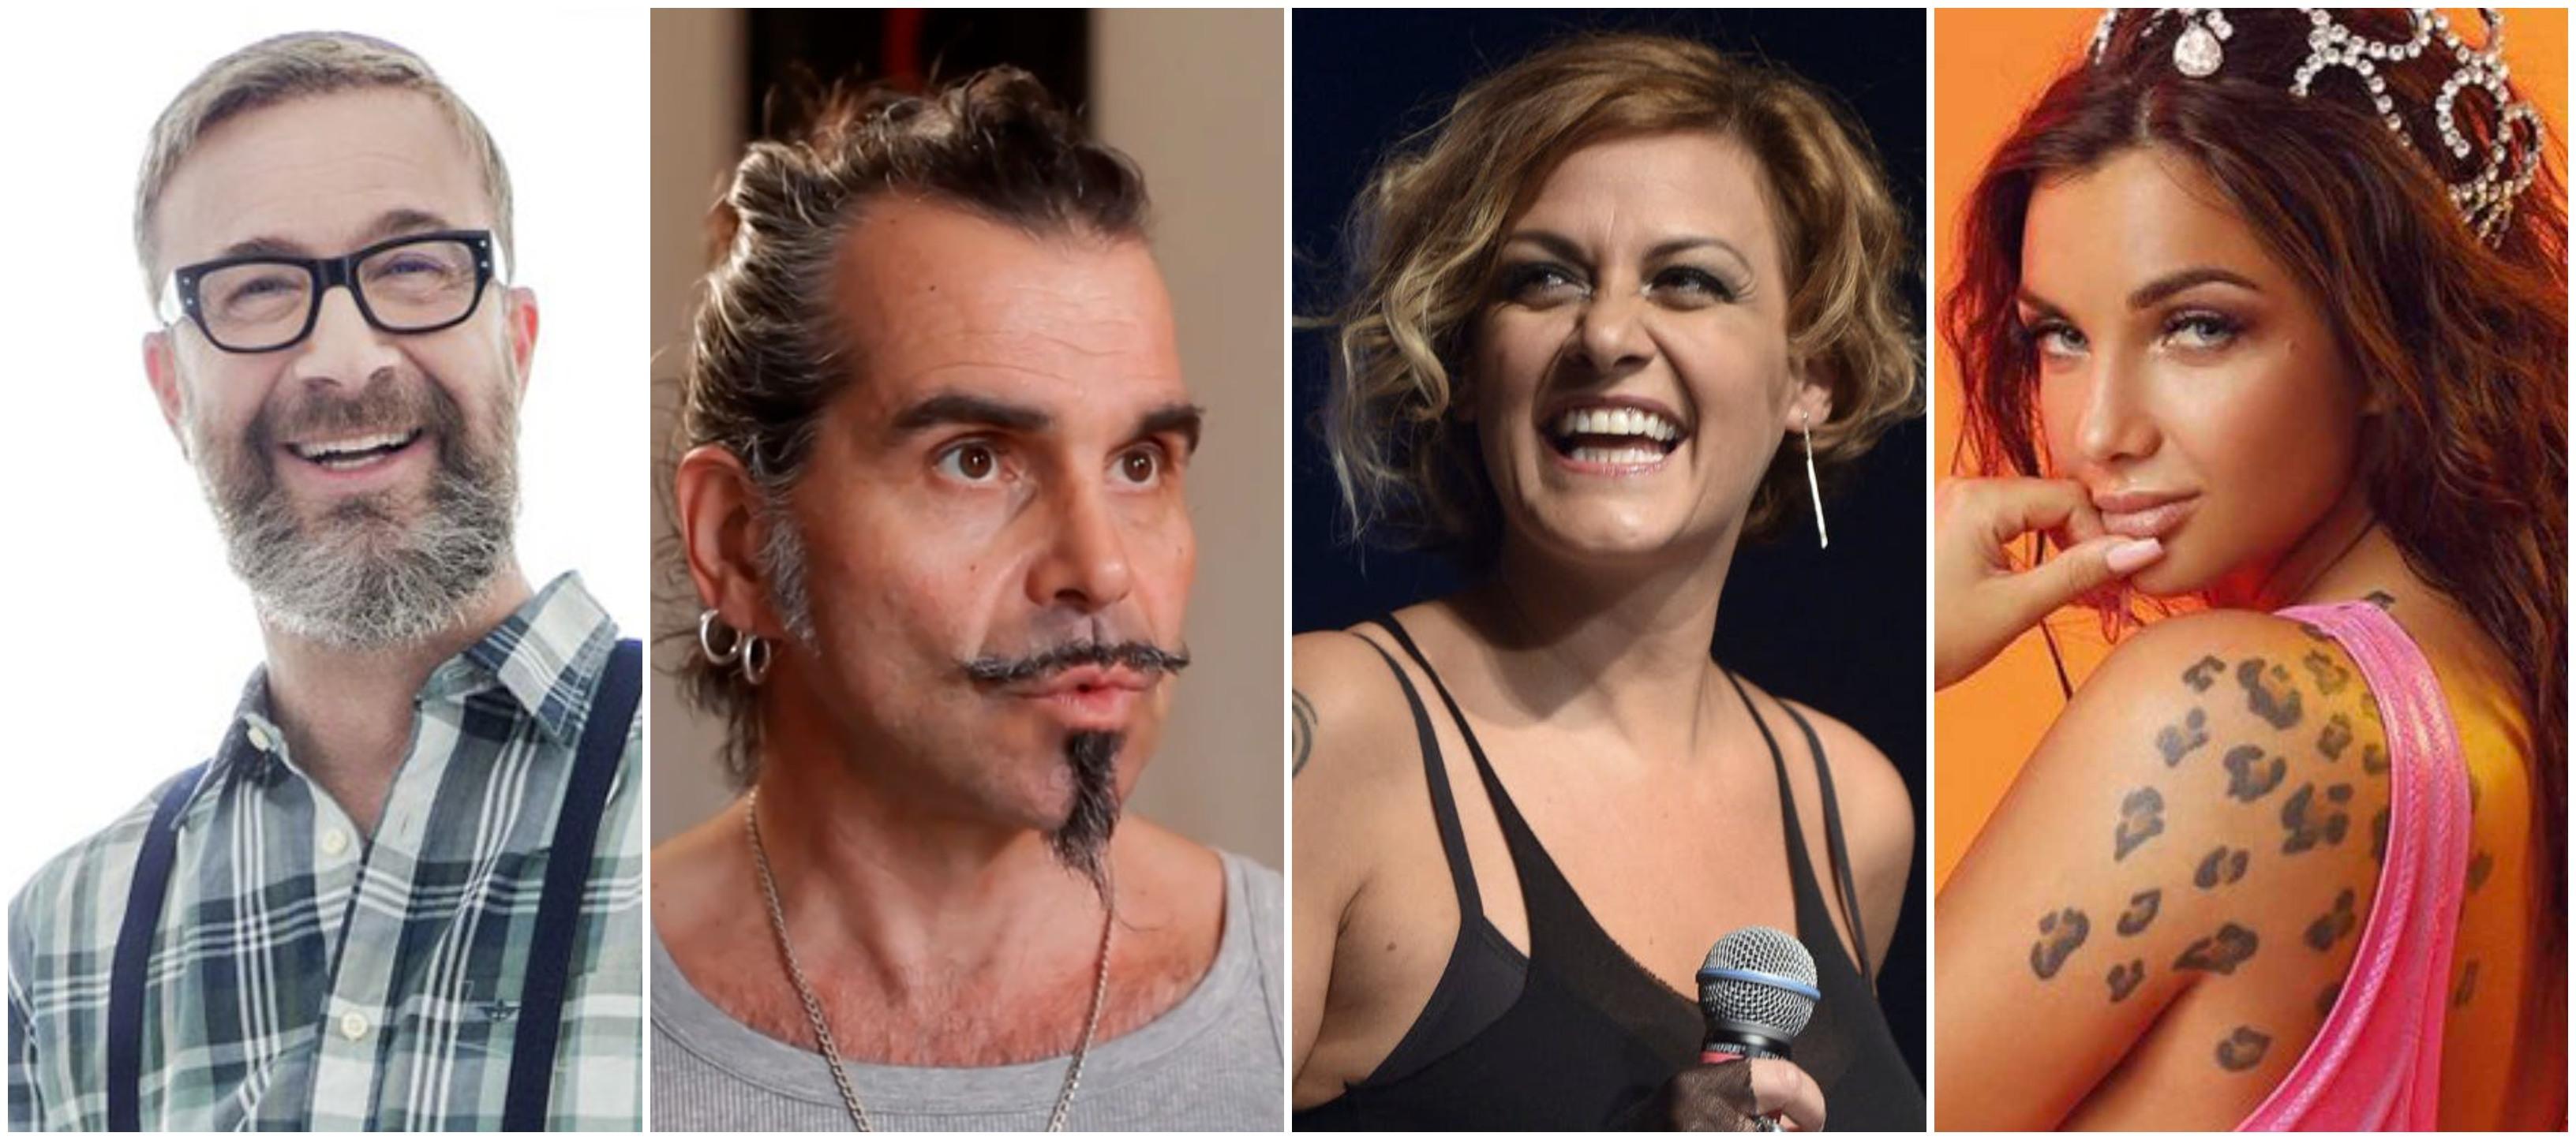 Sanremo 2020, ecco chi saranno tutti i cantanti 'big' in gara